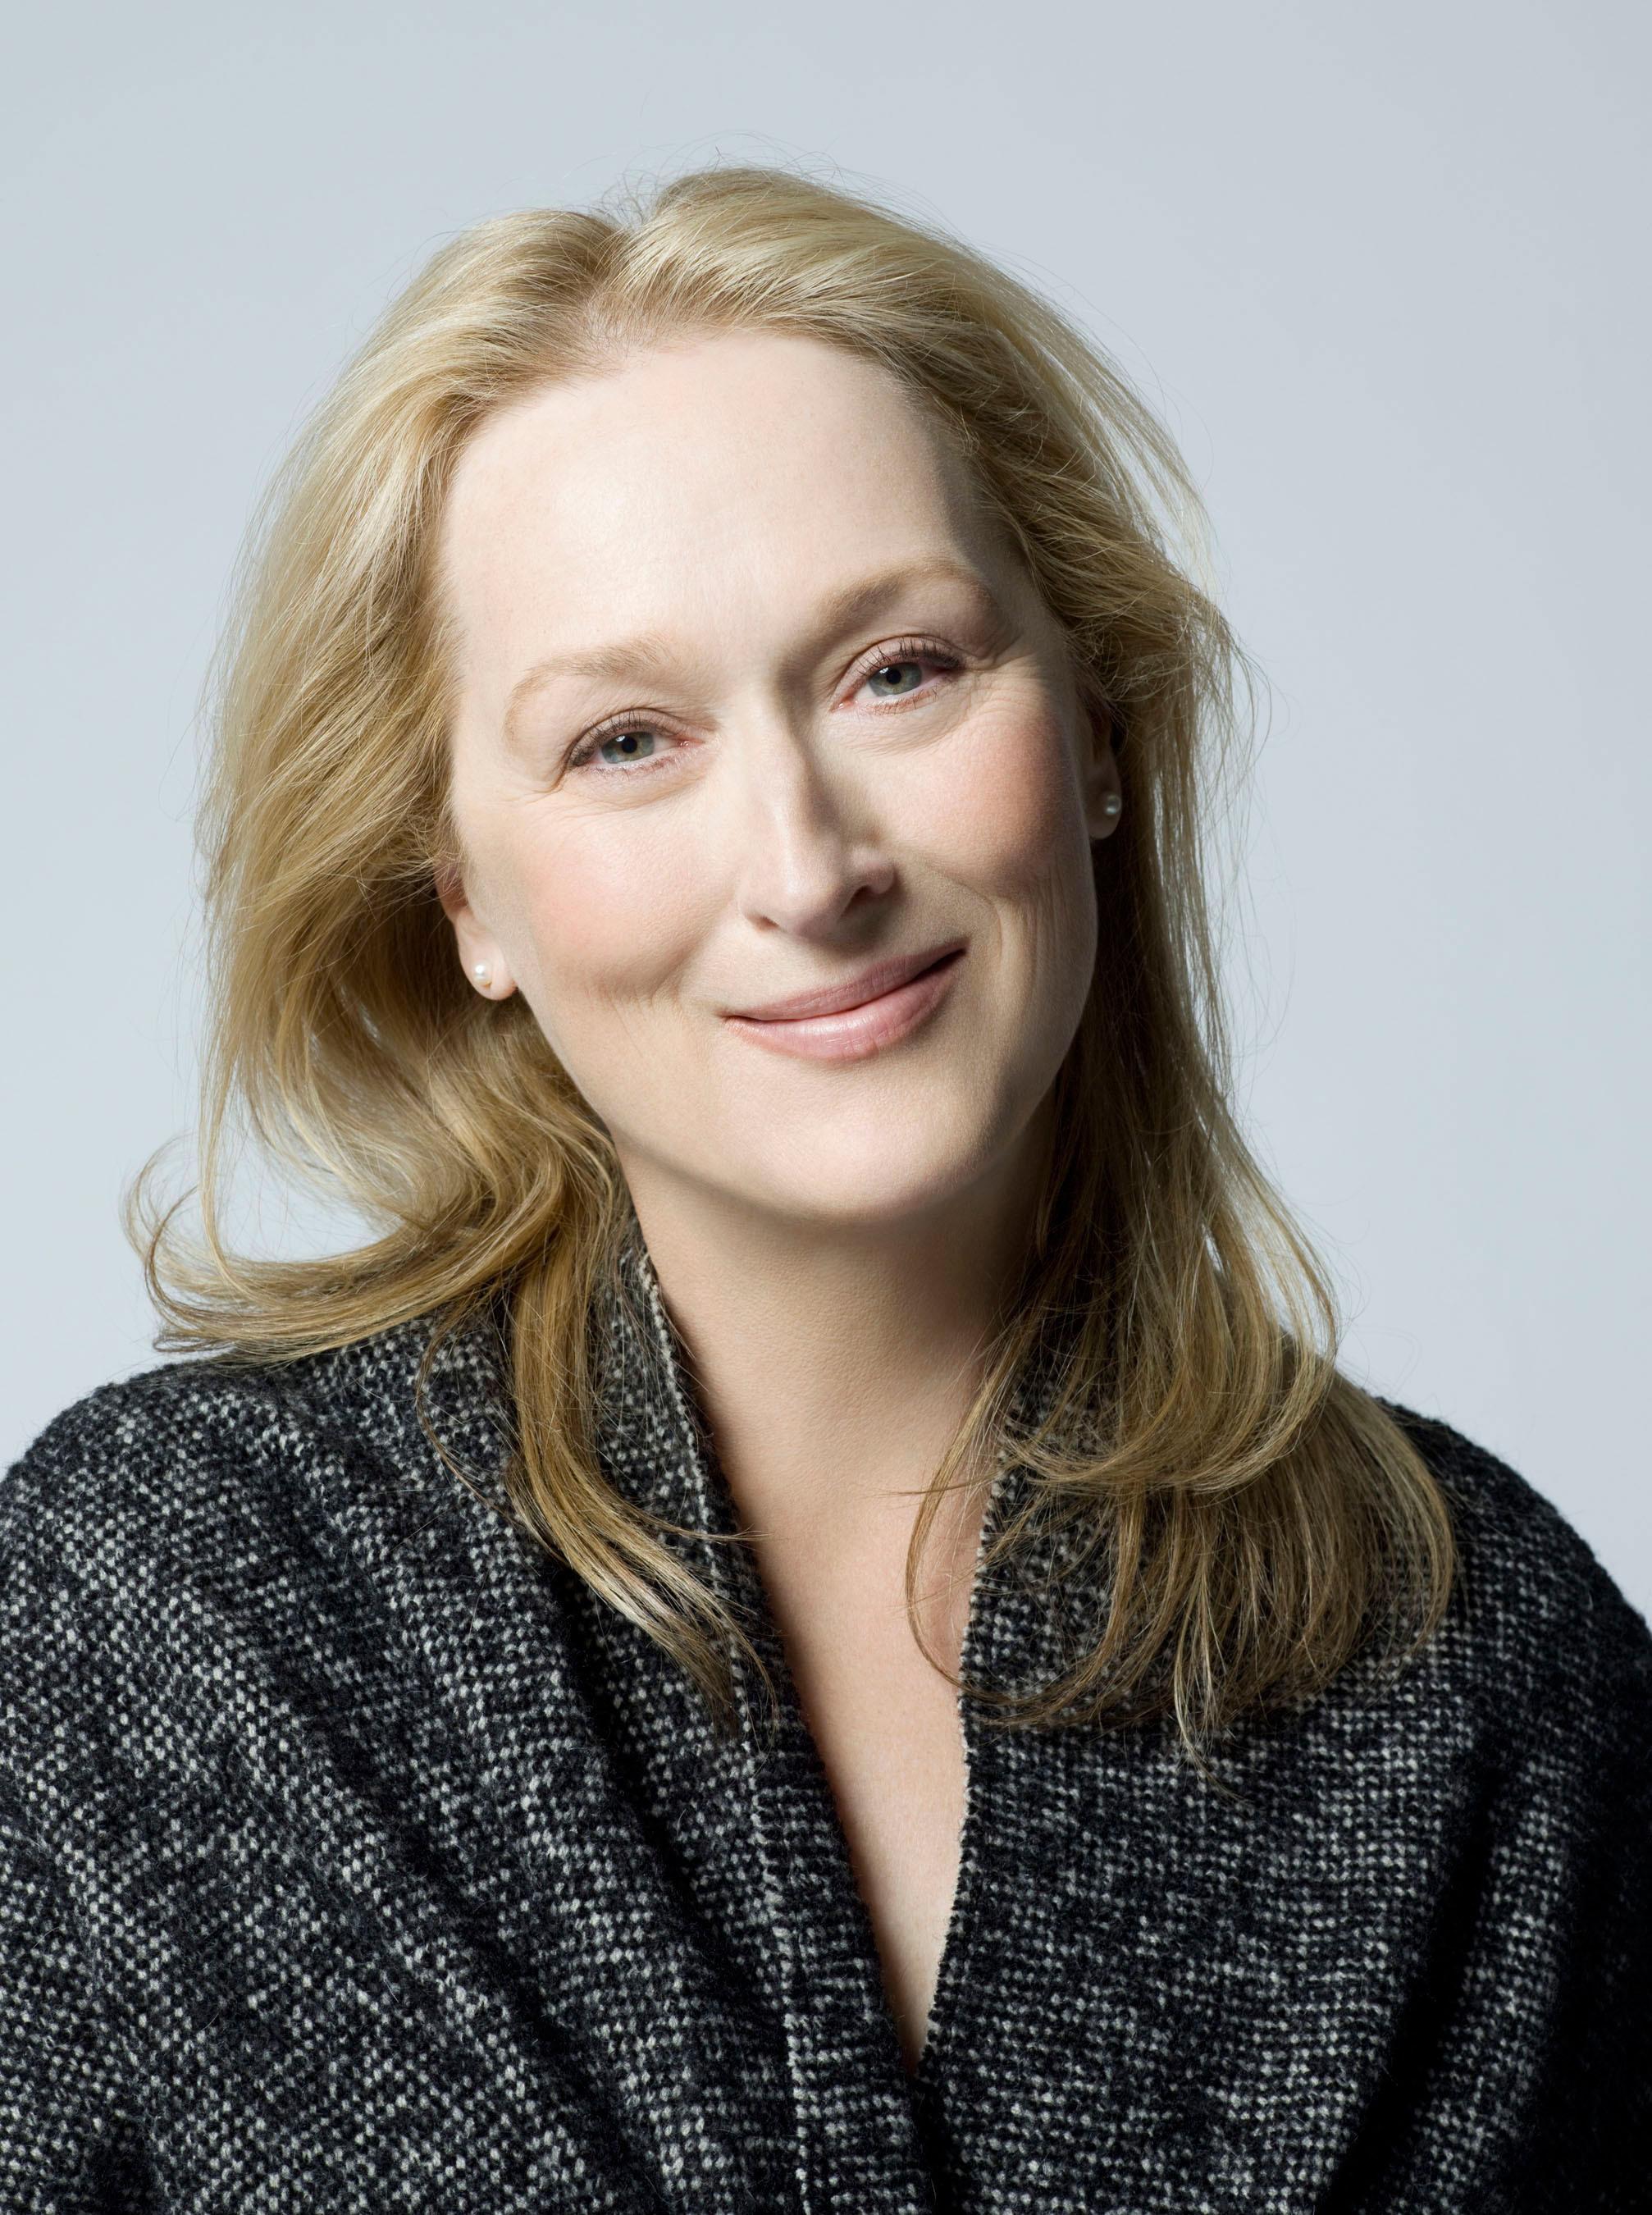 Resultado de imagem para Meryl Streep